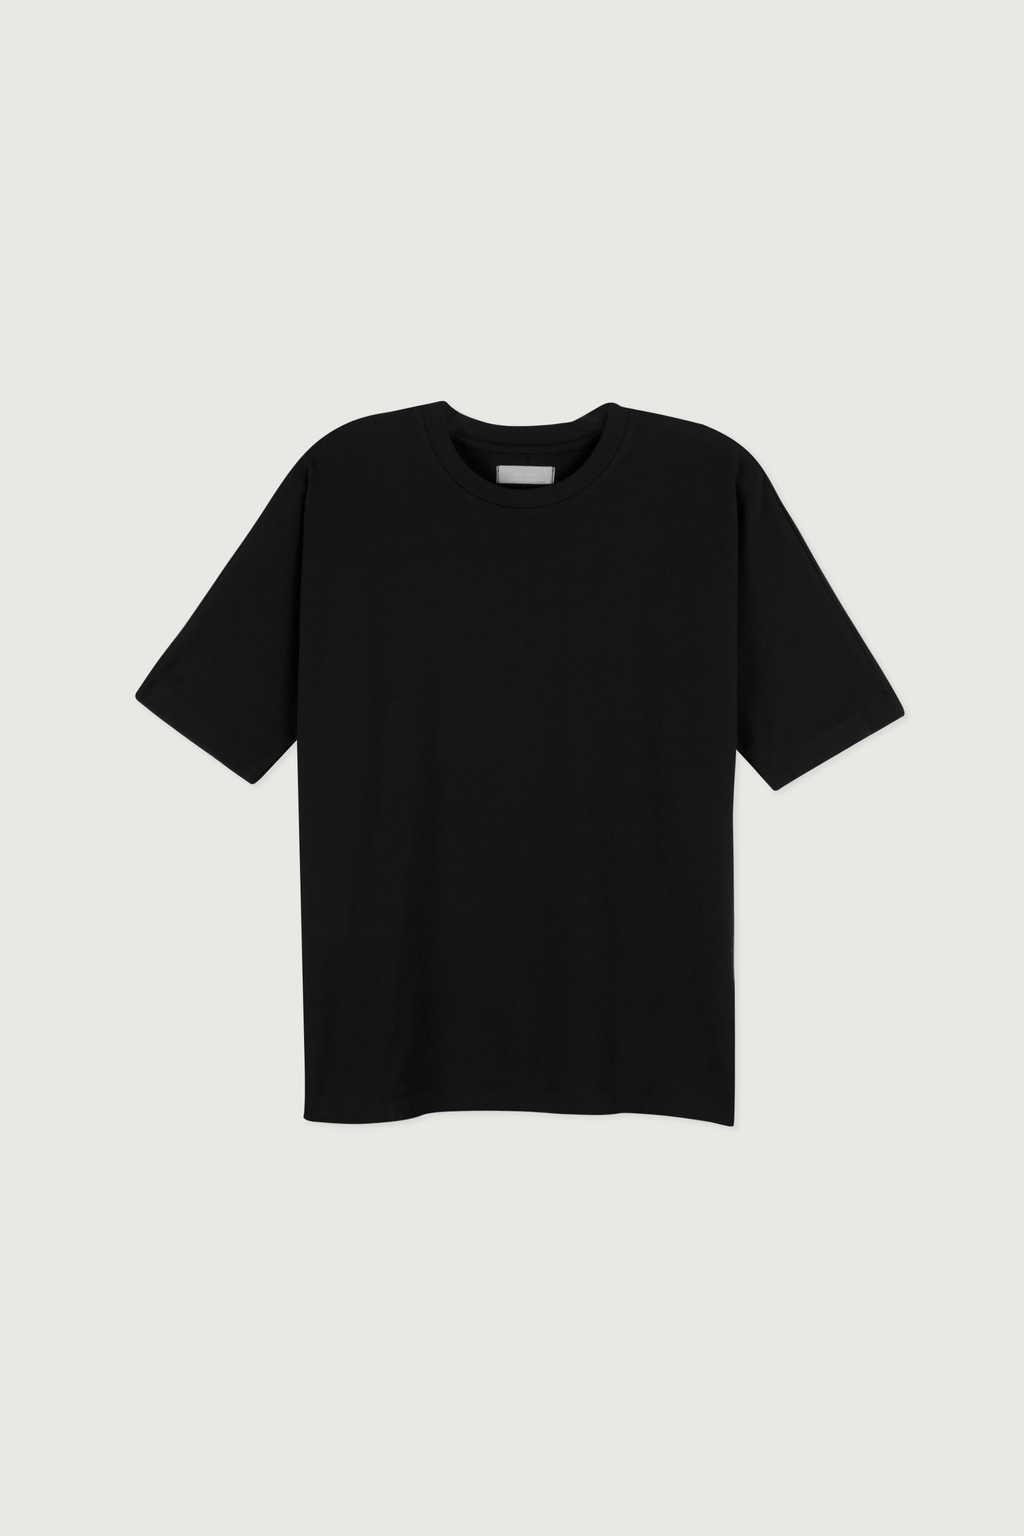 TShirt 3317 Black 11